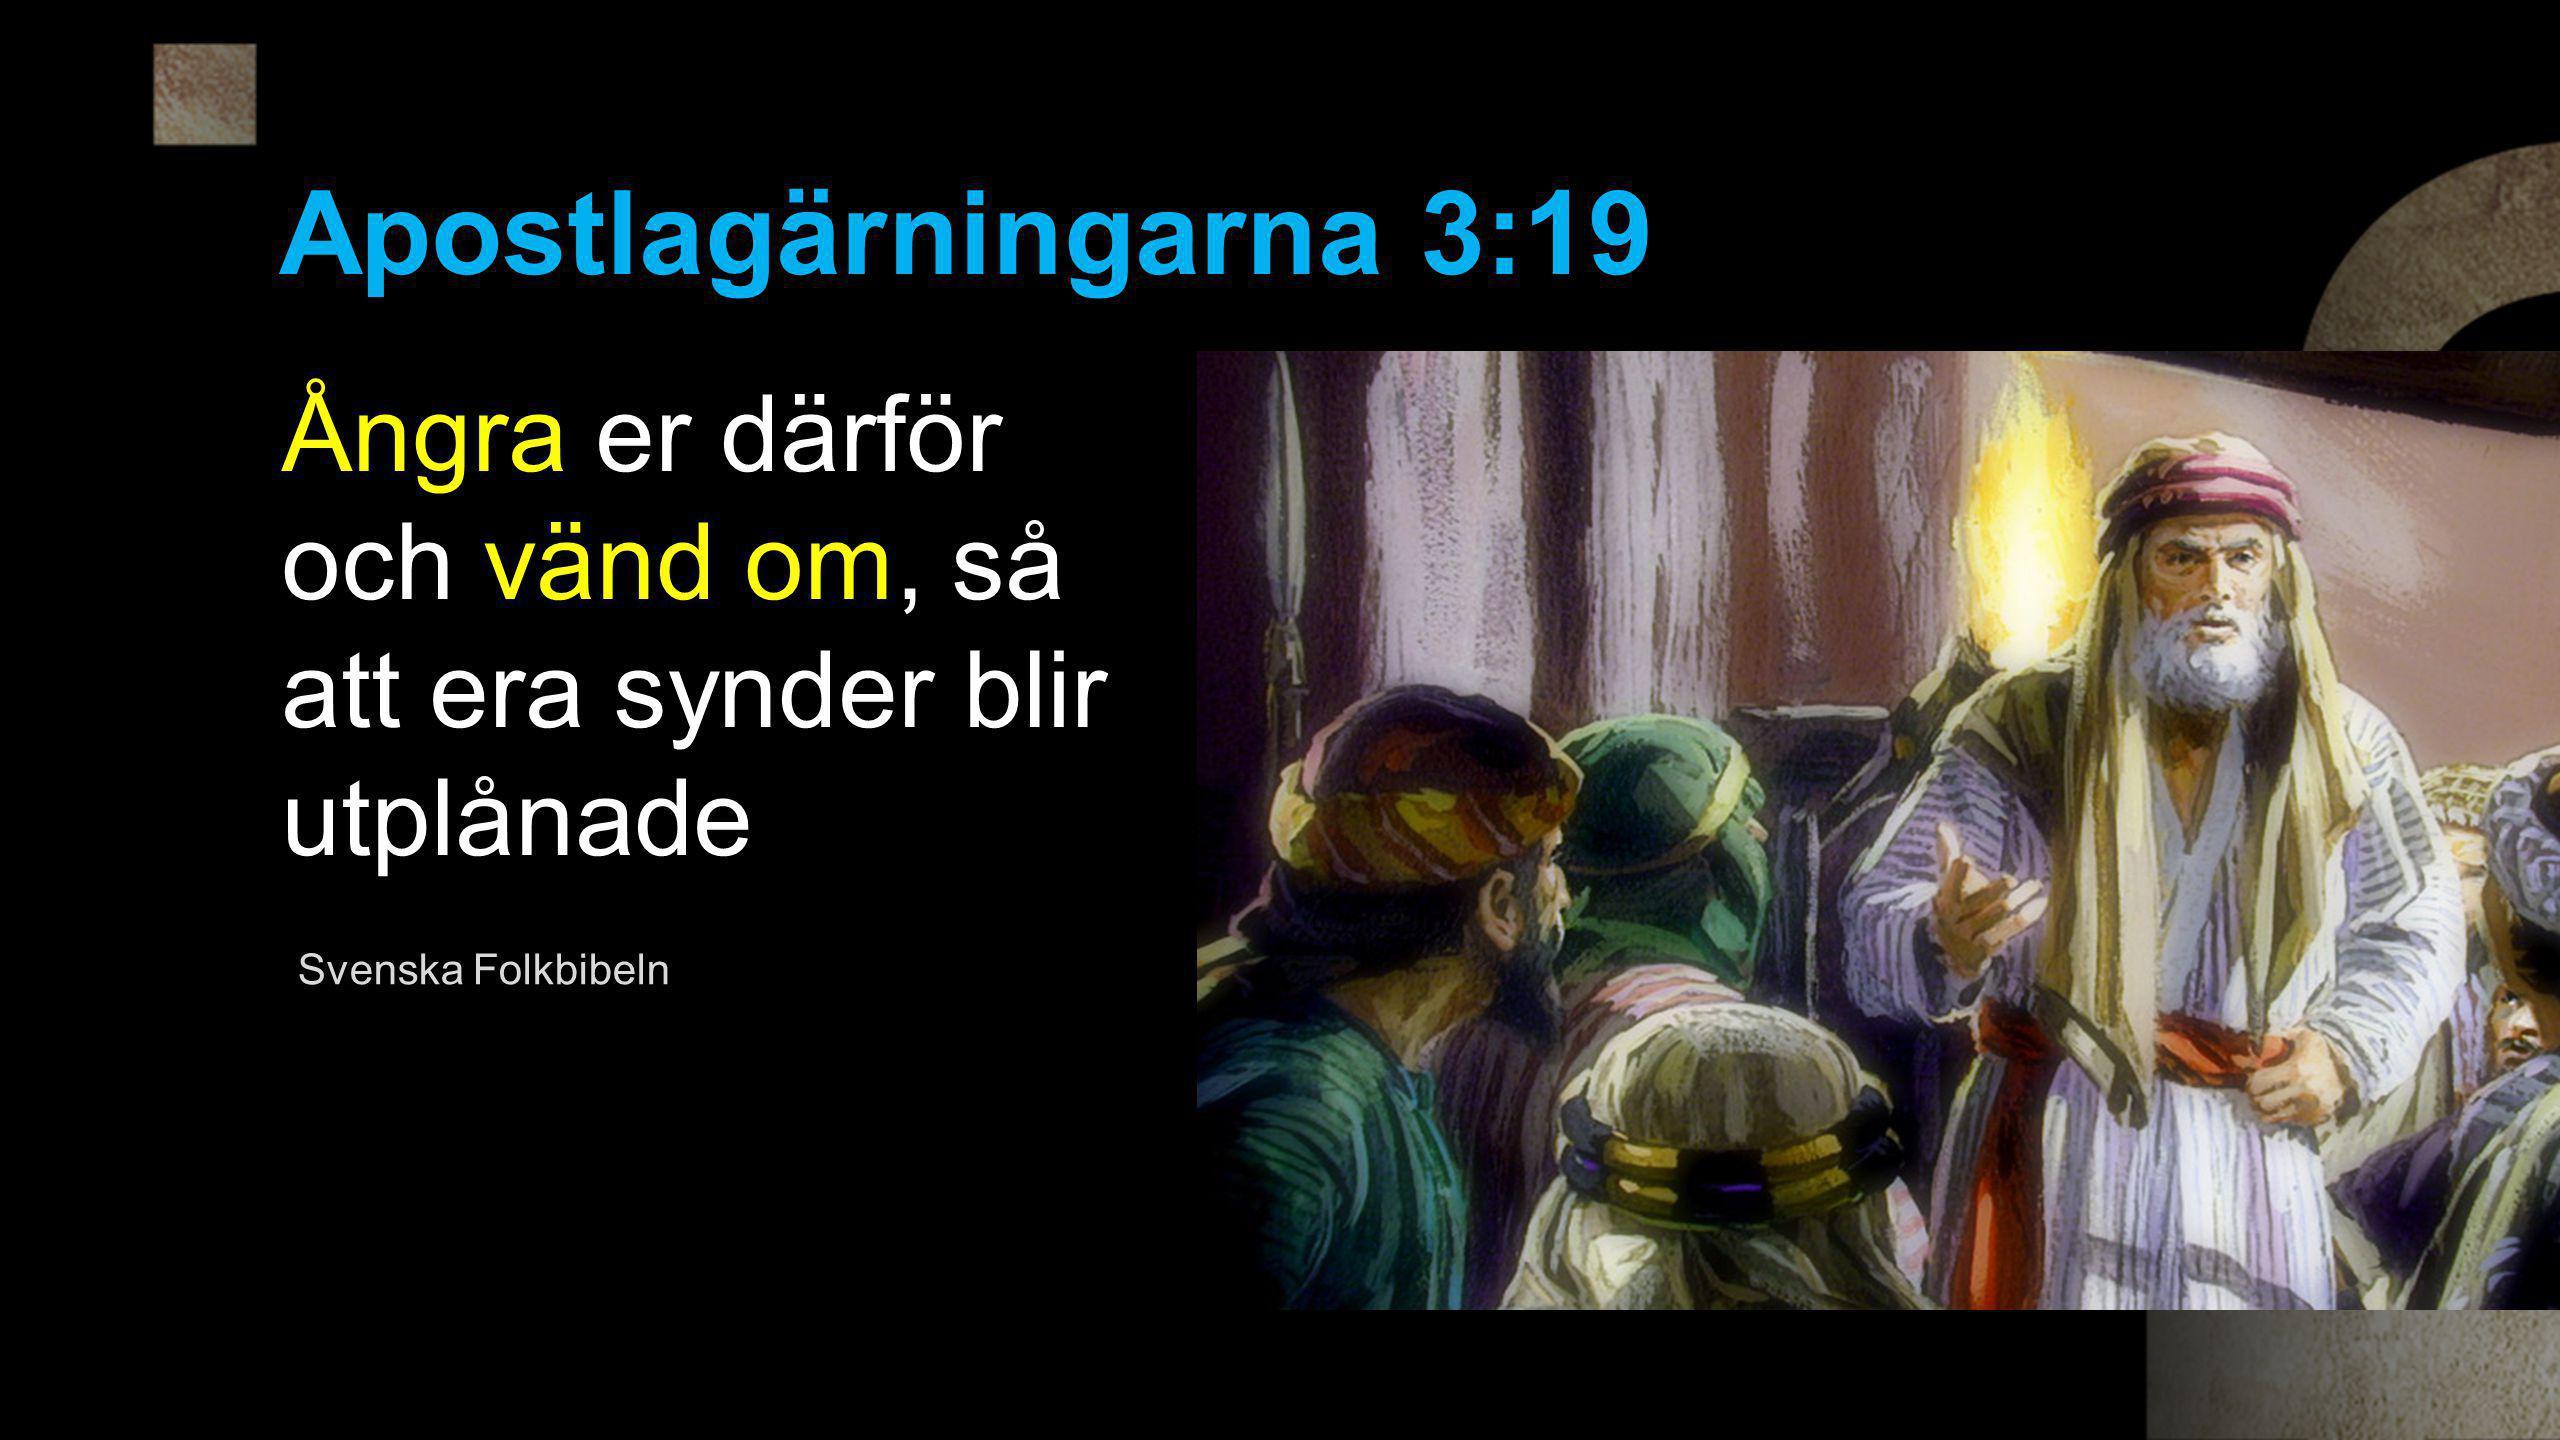 Apostlagärningarna 3:19 Ångra er därför och vänd om, så att era synder blir utplånade Svenska Folkbibeln